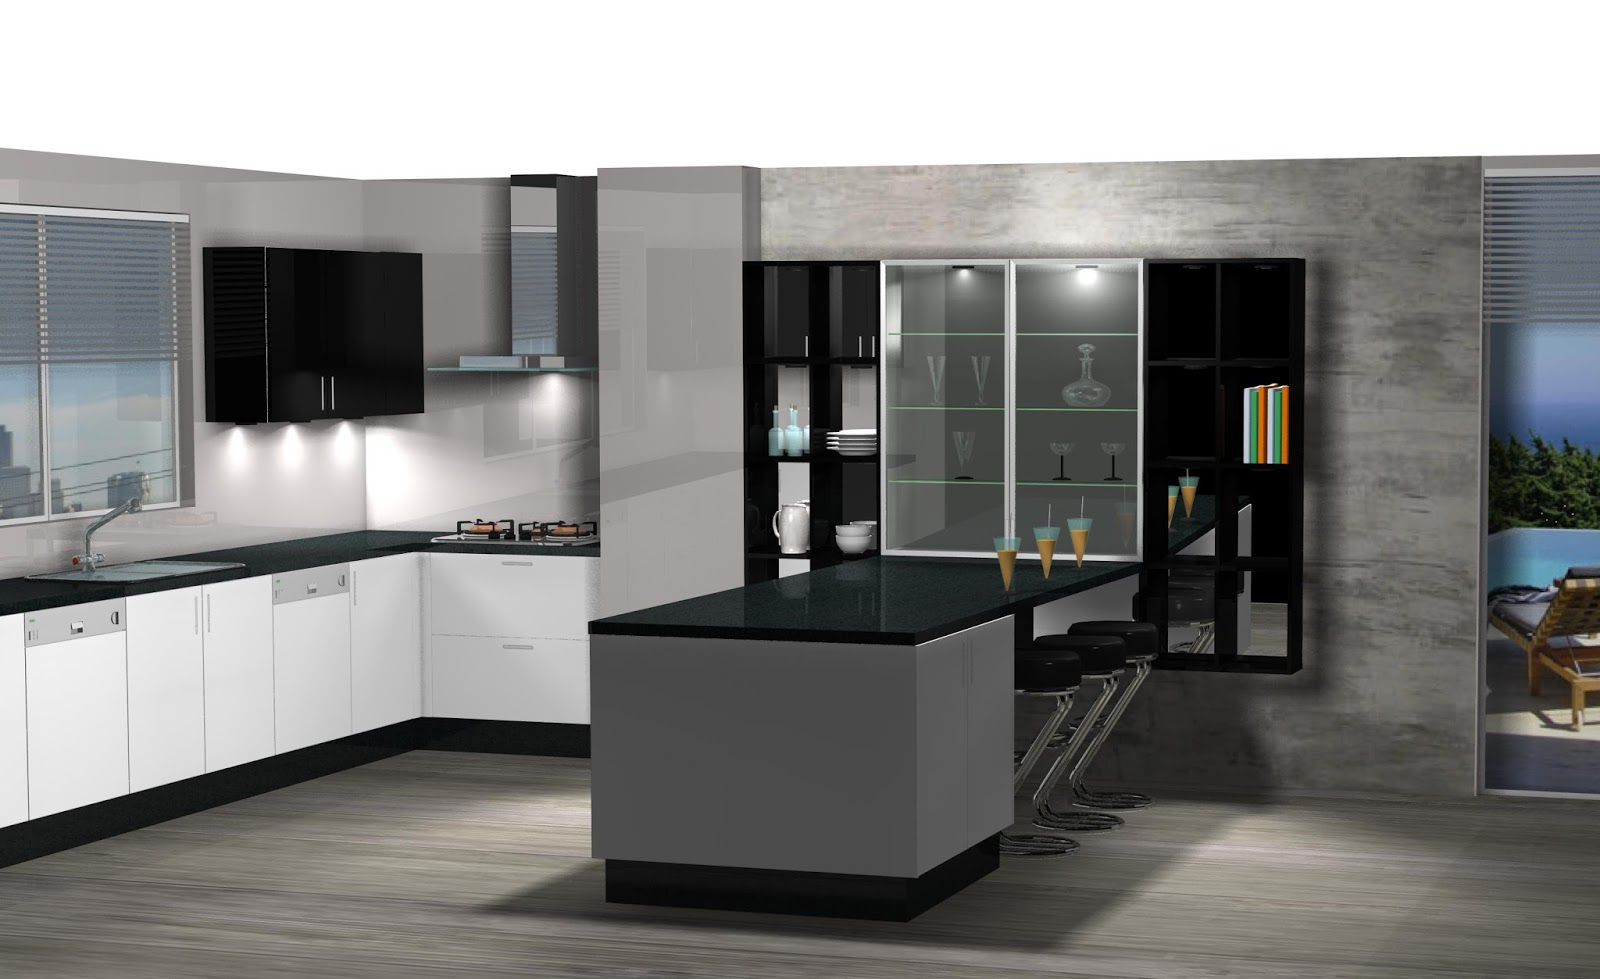 Dise o de cocina comedor lacado en blanco y negro for Diseno cocinas en u